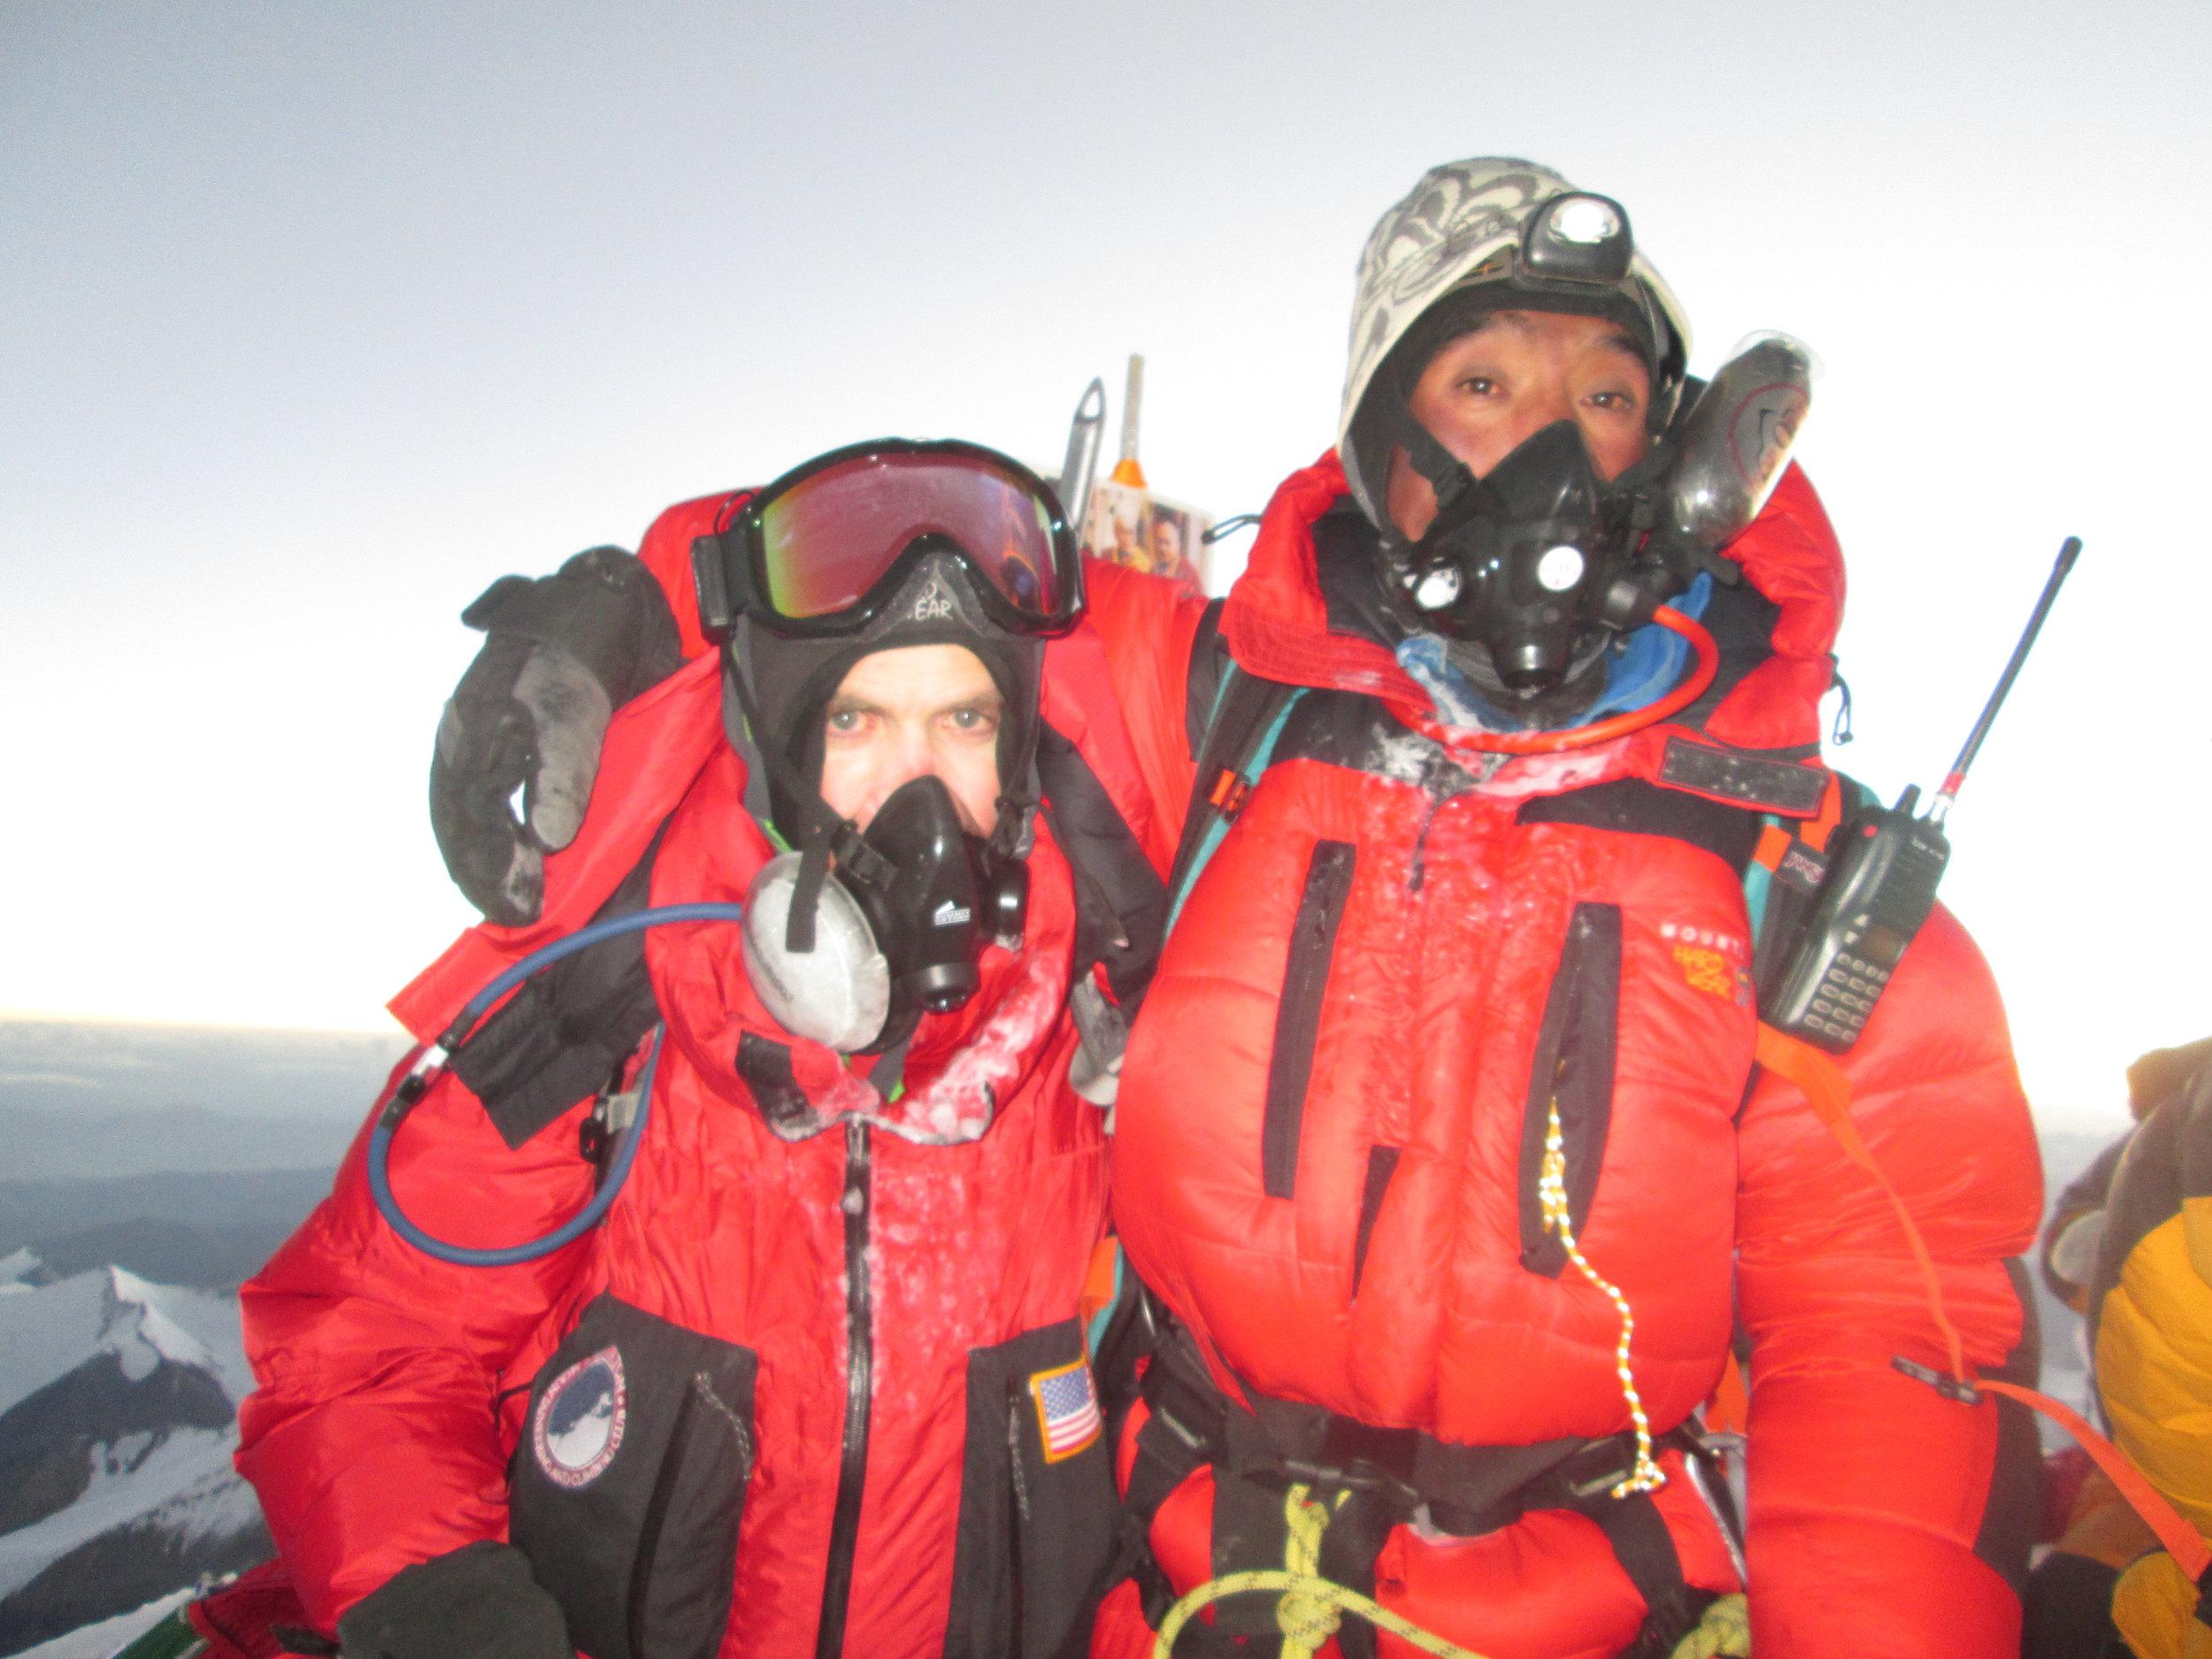 7 - 4 Mount Everest summit with climbing partner Pasang Kami - Copy.JPG